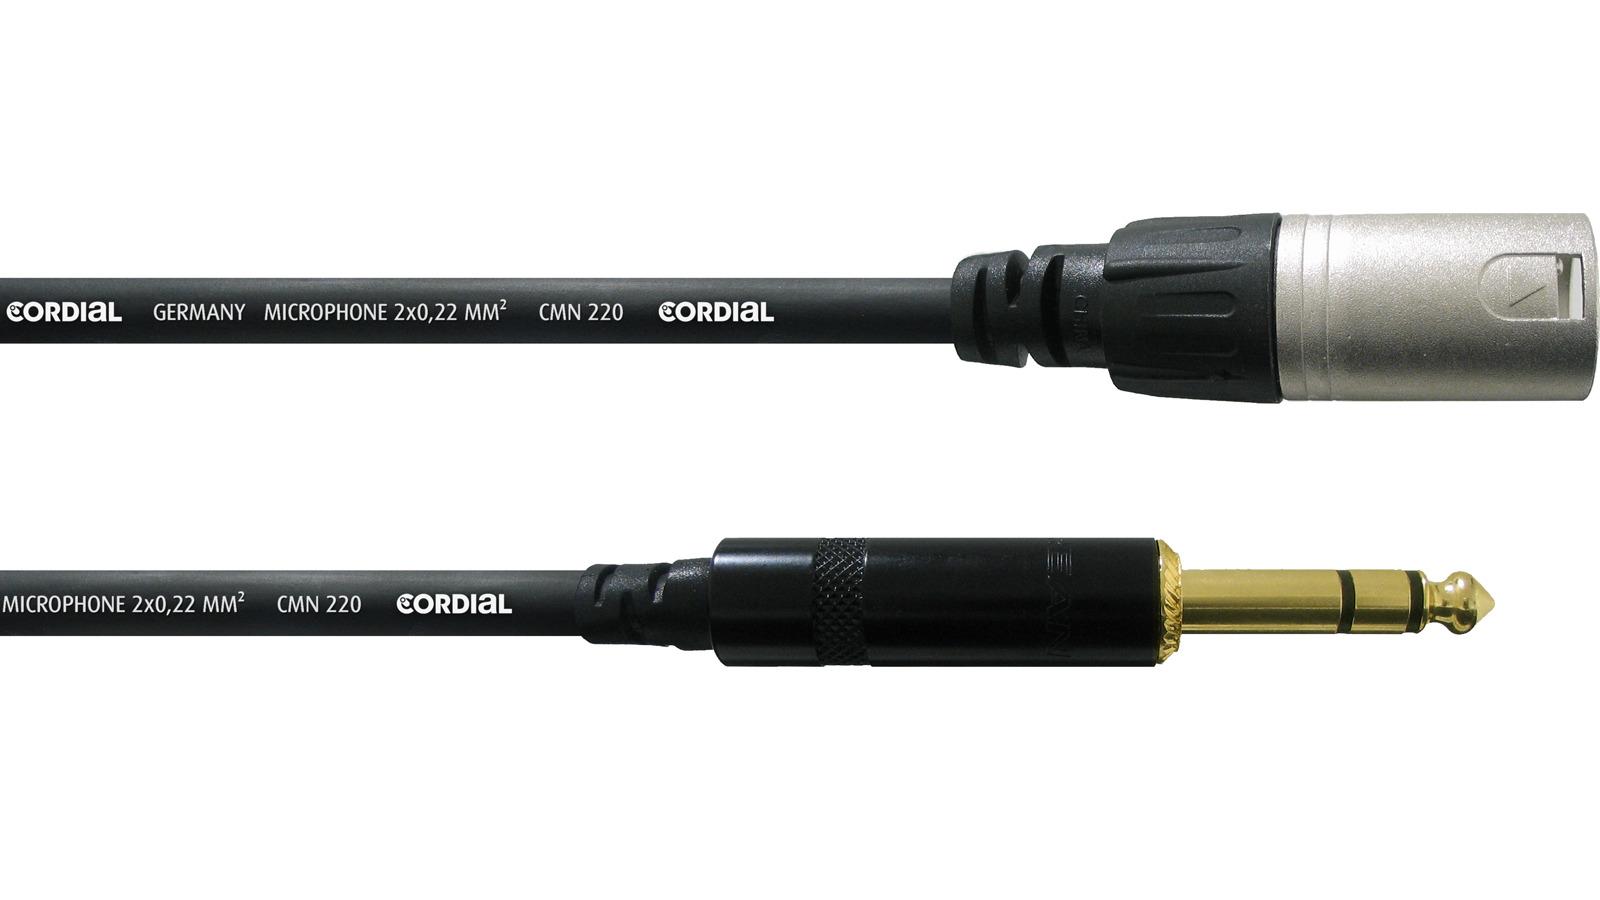 Cordial symmetrisches Klinke XLR Male Kabel 9 m CFM 9 MV